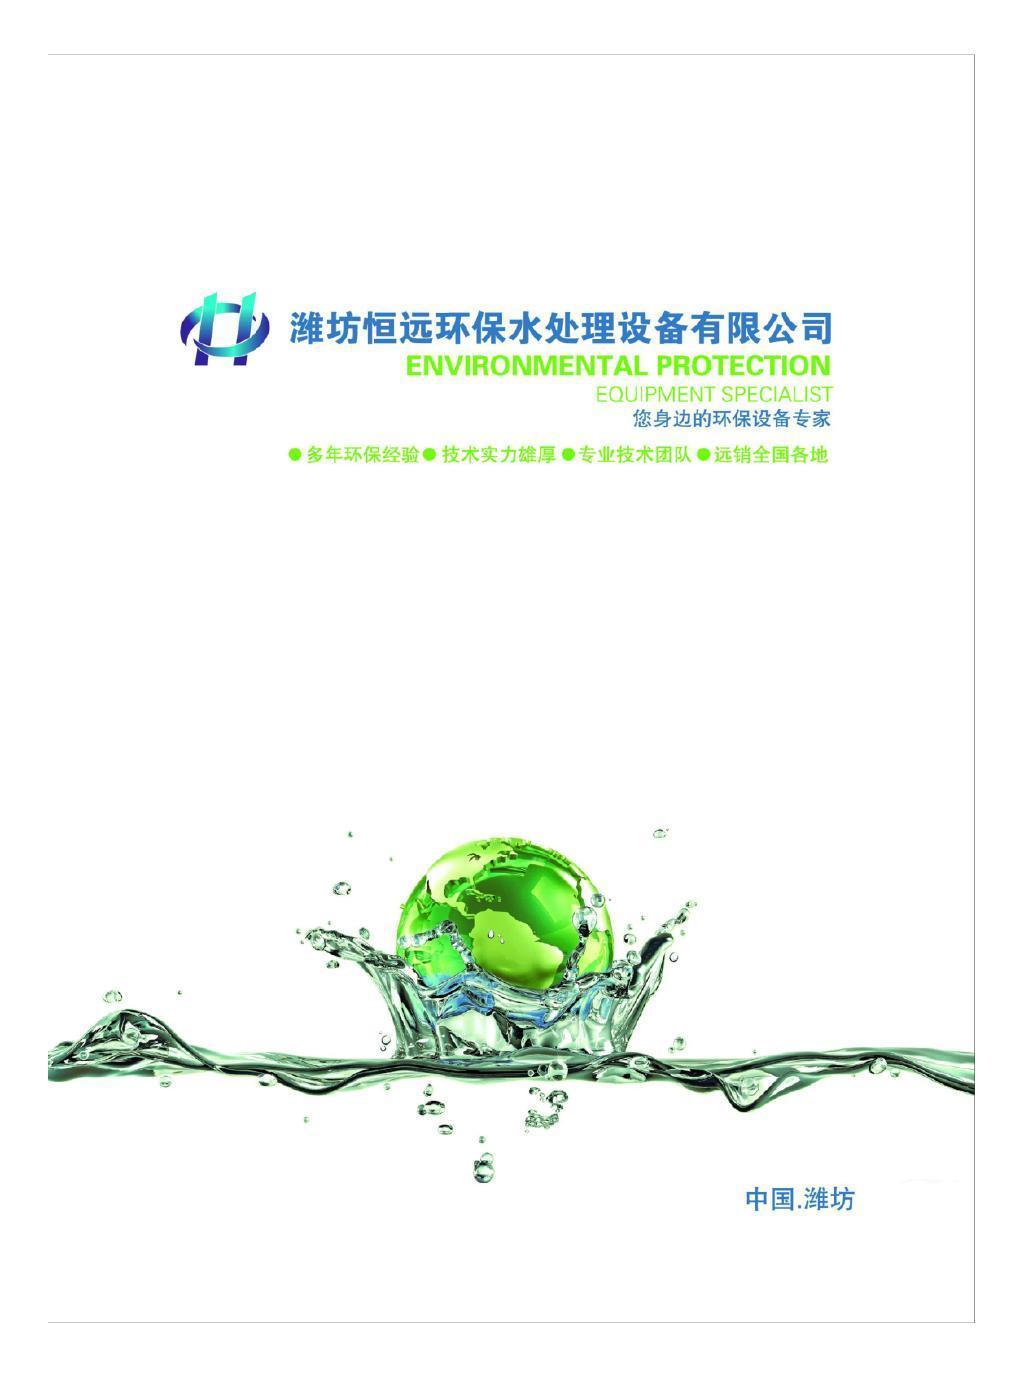 潍坊恒远环保水处理设备有限公司产品宣传册